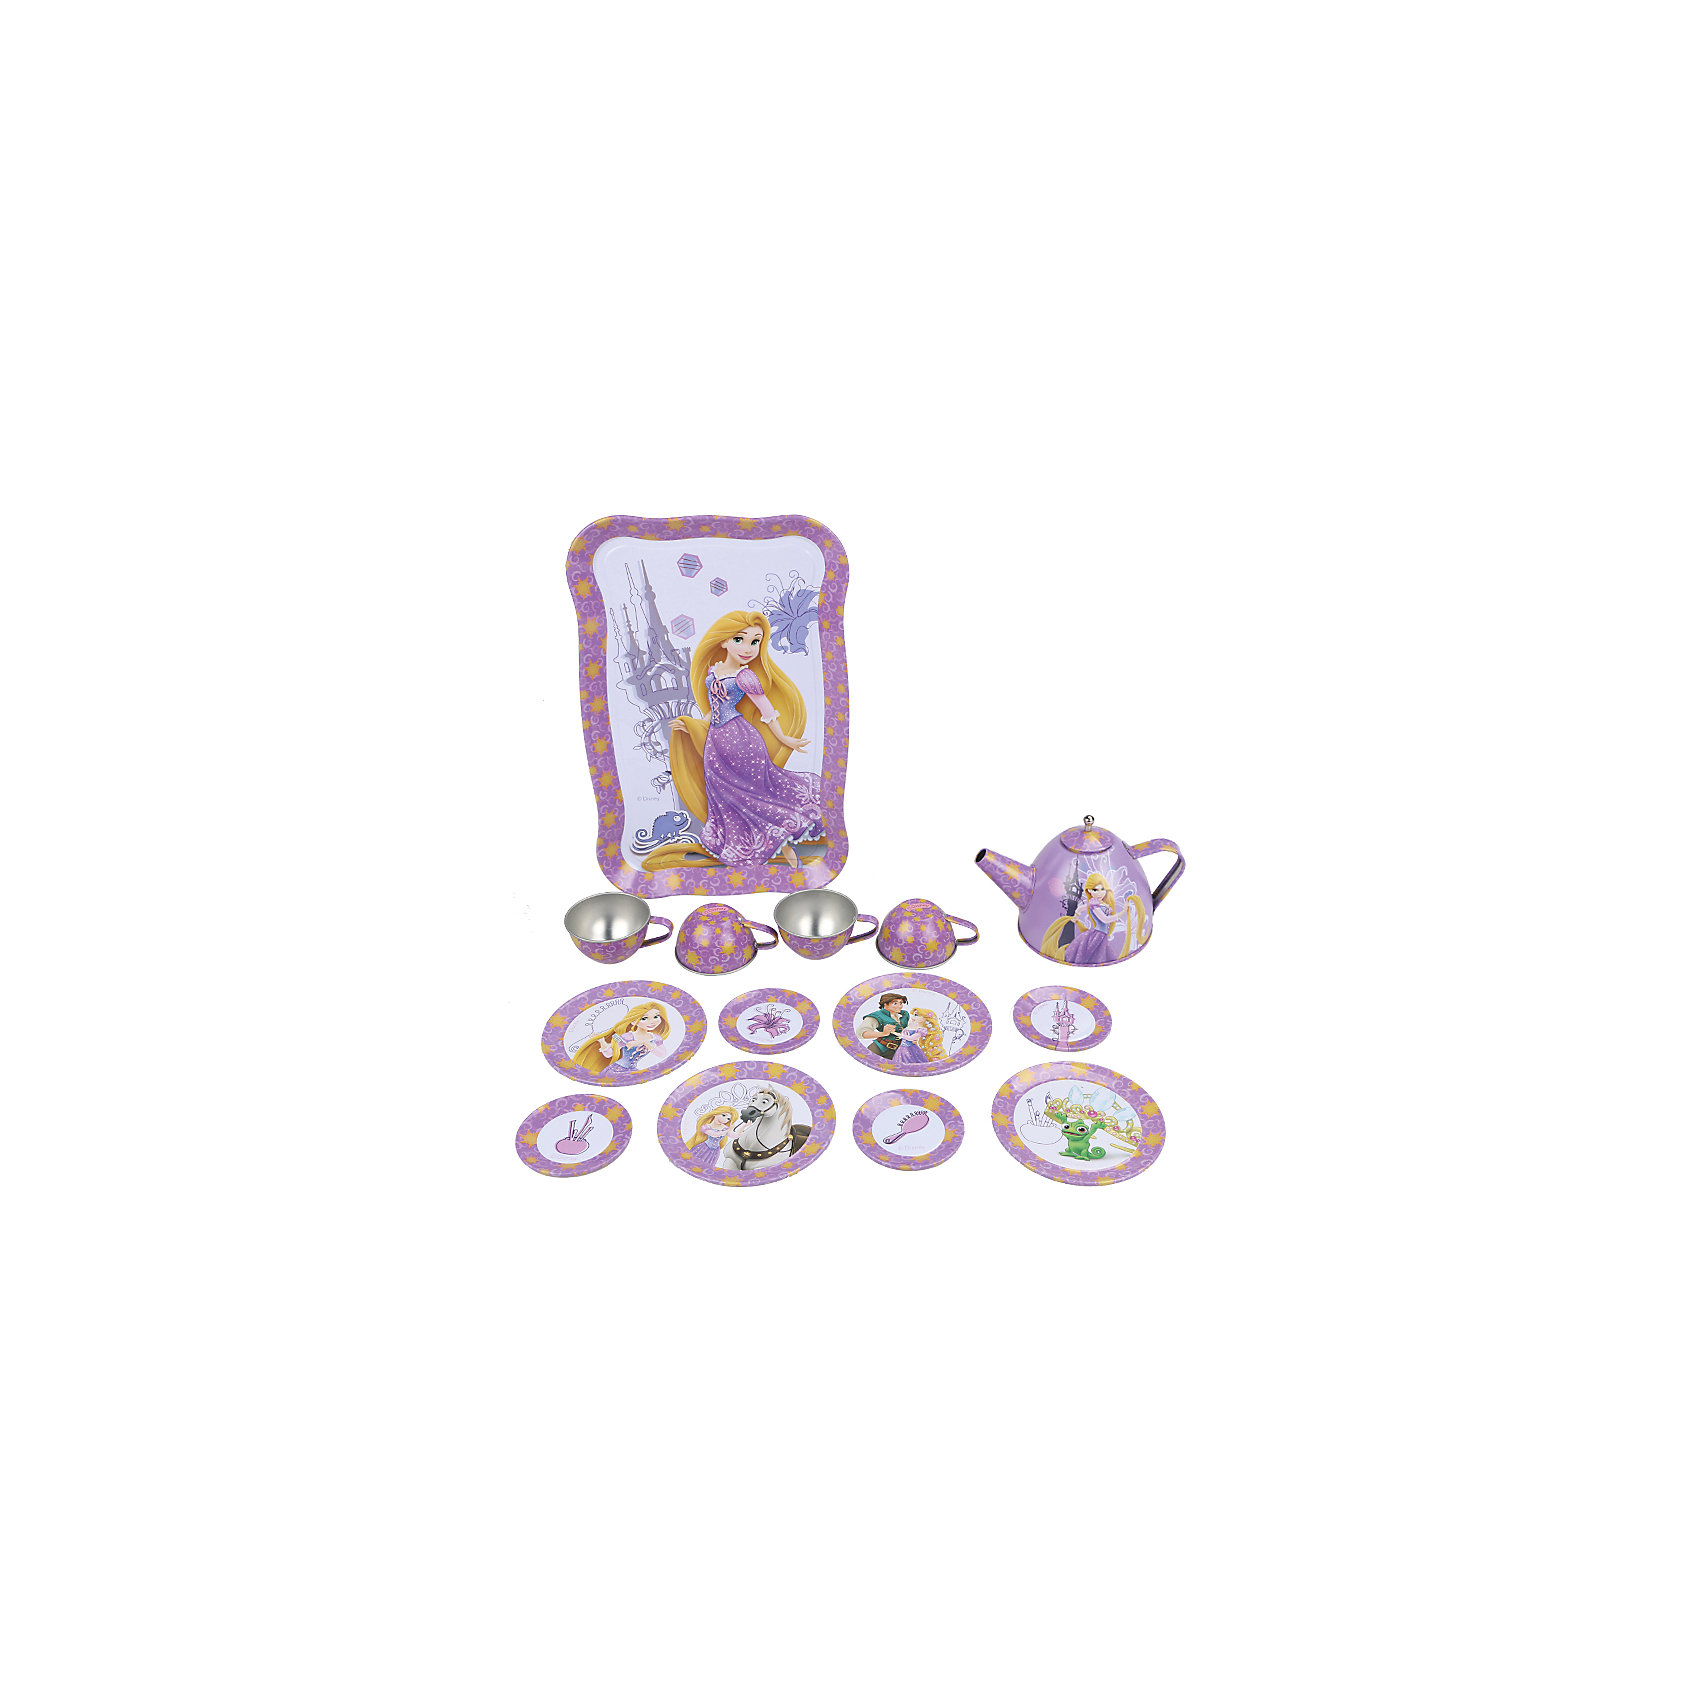 Набор чайной посуды Рапунцель (15 предм., металл.), Принцессы ДиснейГлавной особенностью набора является фирменное и красочное оформление, выполненное совместно с компанией Disney (Дисней). Каждый элемент тщательно проработан и детализирован – от упаковки до самого маленького блюдца.<br>Материал посуды – прочный, лёгкий металл, который не разобьётся во время игры.<br><br>Дополнительная информация:<br><br>В набор чайной посуды Рапунцель входит 15 предметов: 1 поднос, 8 блюдец разного размера, 4 чашки, 1 чайник с крышкой<br><br>Набор чайной посуды Рапунцель (15 предм., металл.), Принцессы Дисней можно купить в нашем магазине.<br><br>Ширина мм: 320<br>Глубина мм: 195<br>Высота мм: 95<br>Вес г: 480<br>Возраст от месяцев: 36<br>Возраст до месяцев: 72<br>Пол: Женский<br>Возраст: Детский<br>SKU: 4590228